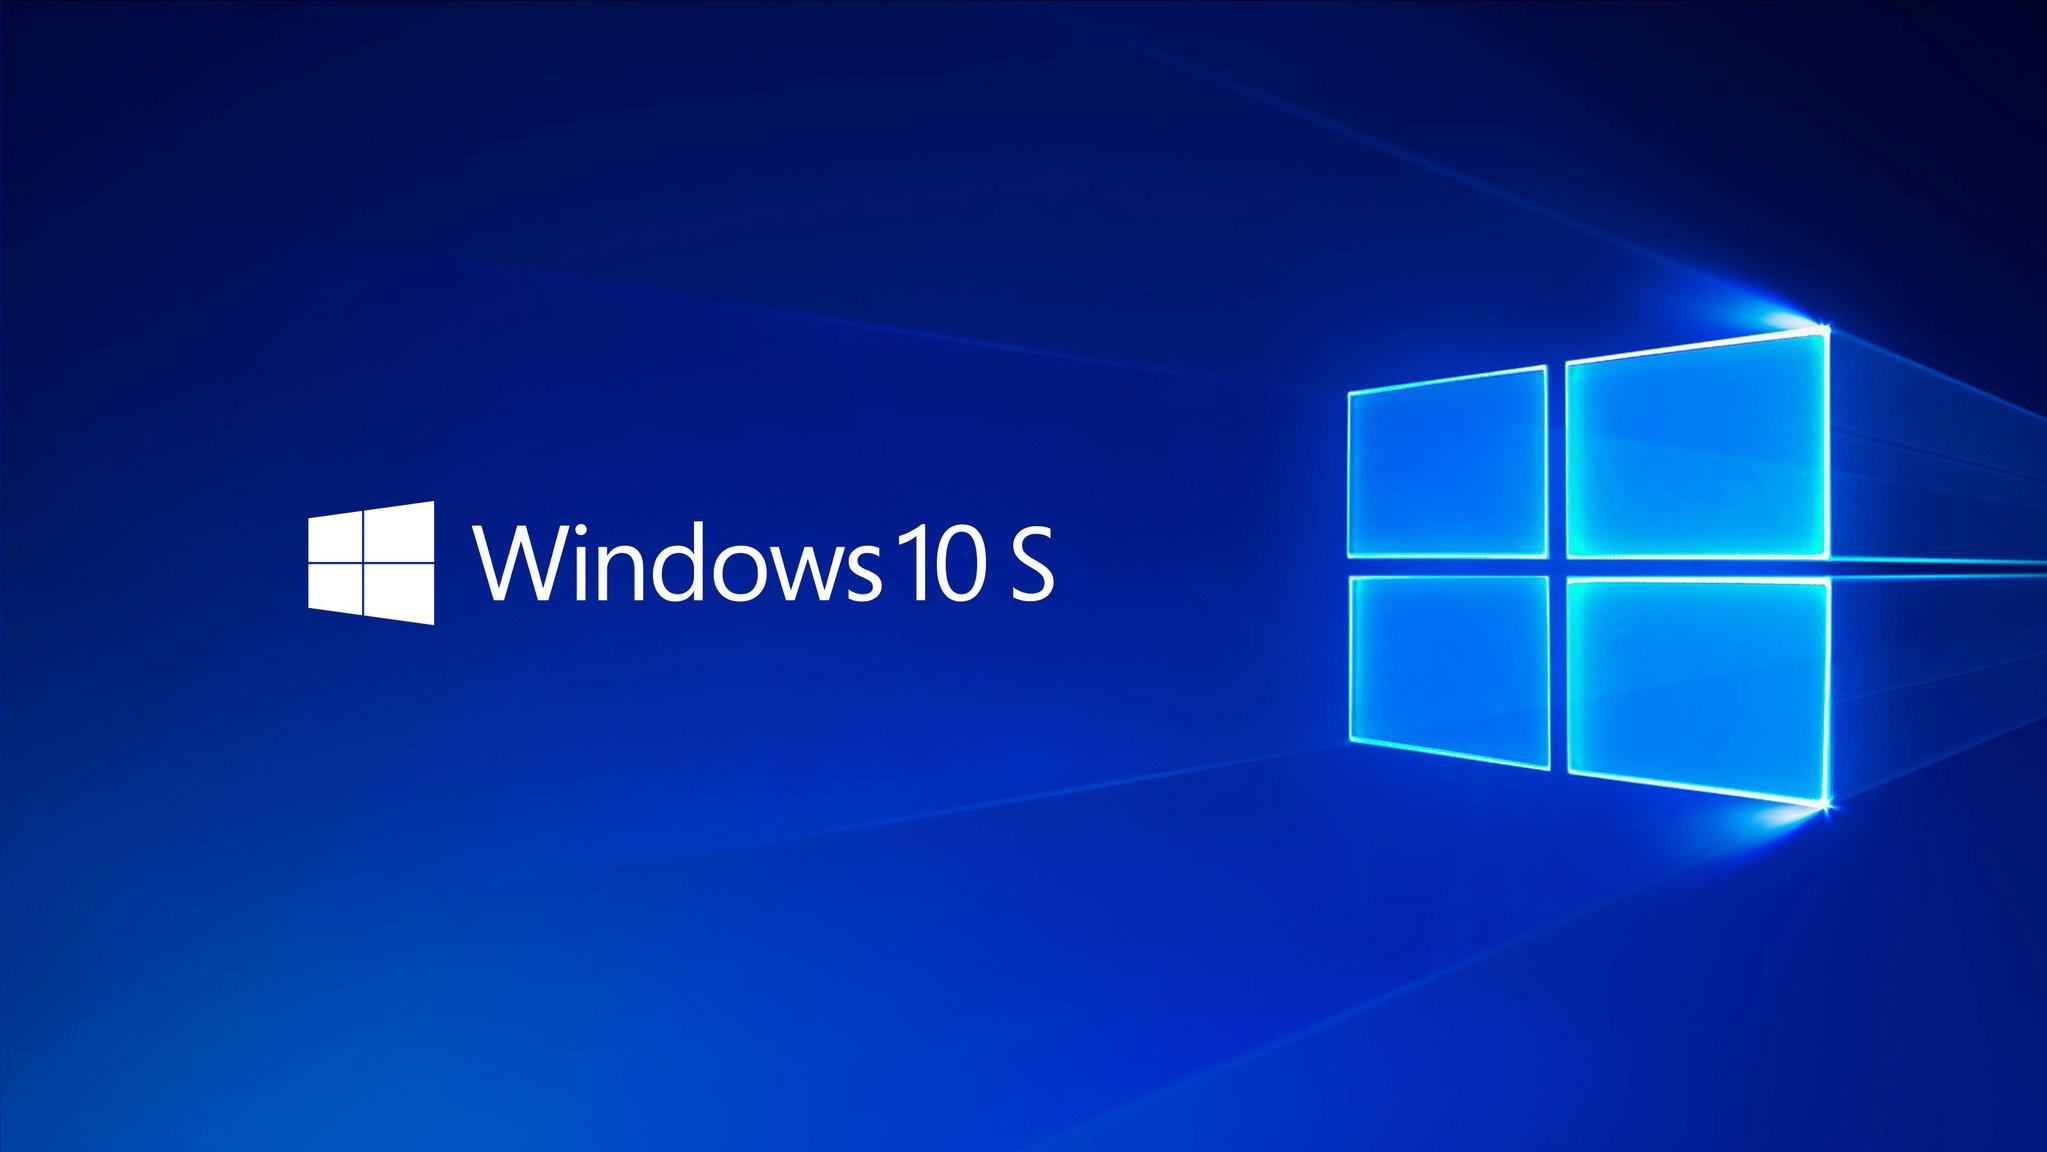 Avec Windows 10 S Microsoft Impose Bing Comme Moteur De Recherche